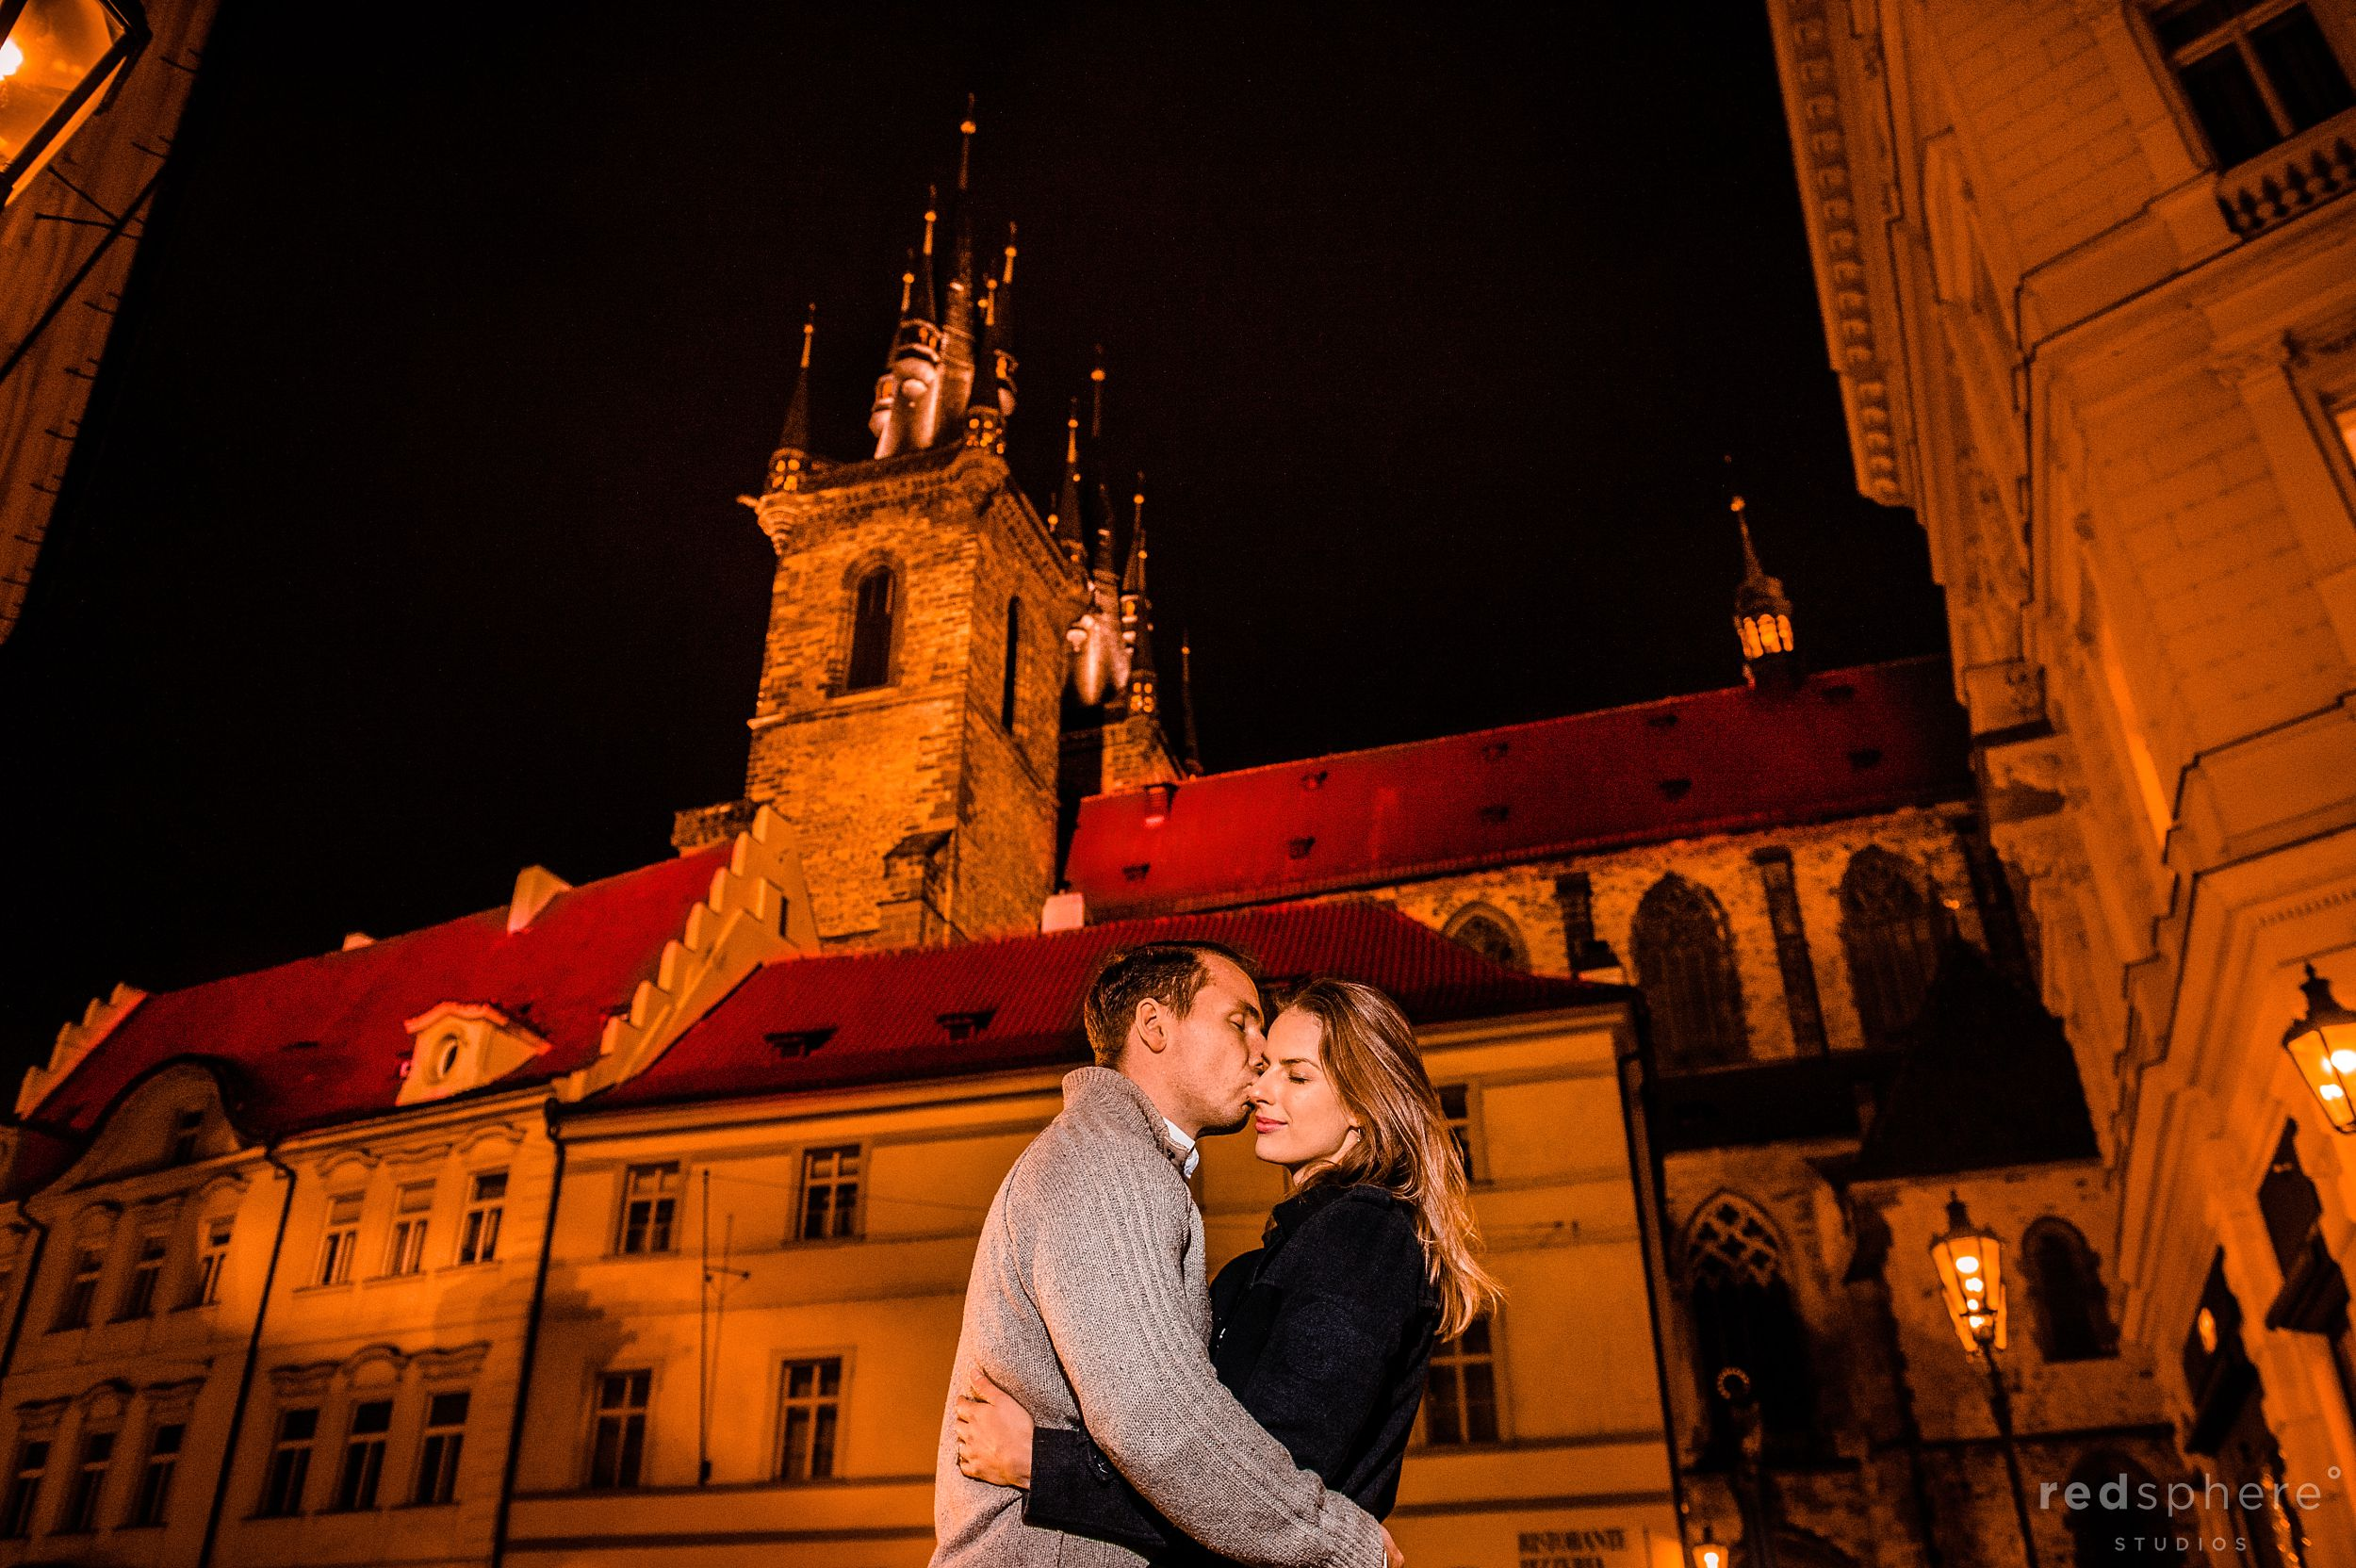 Couple Shares a Kiss at Prague Destination Engagement Session